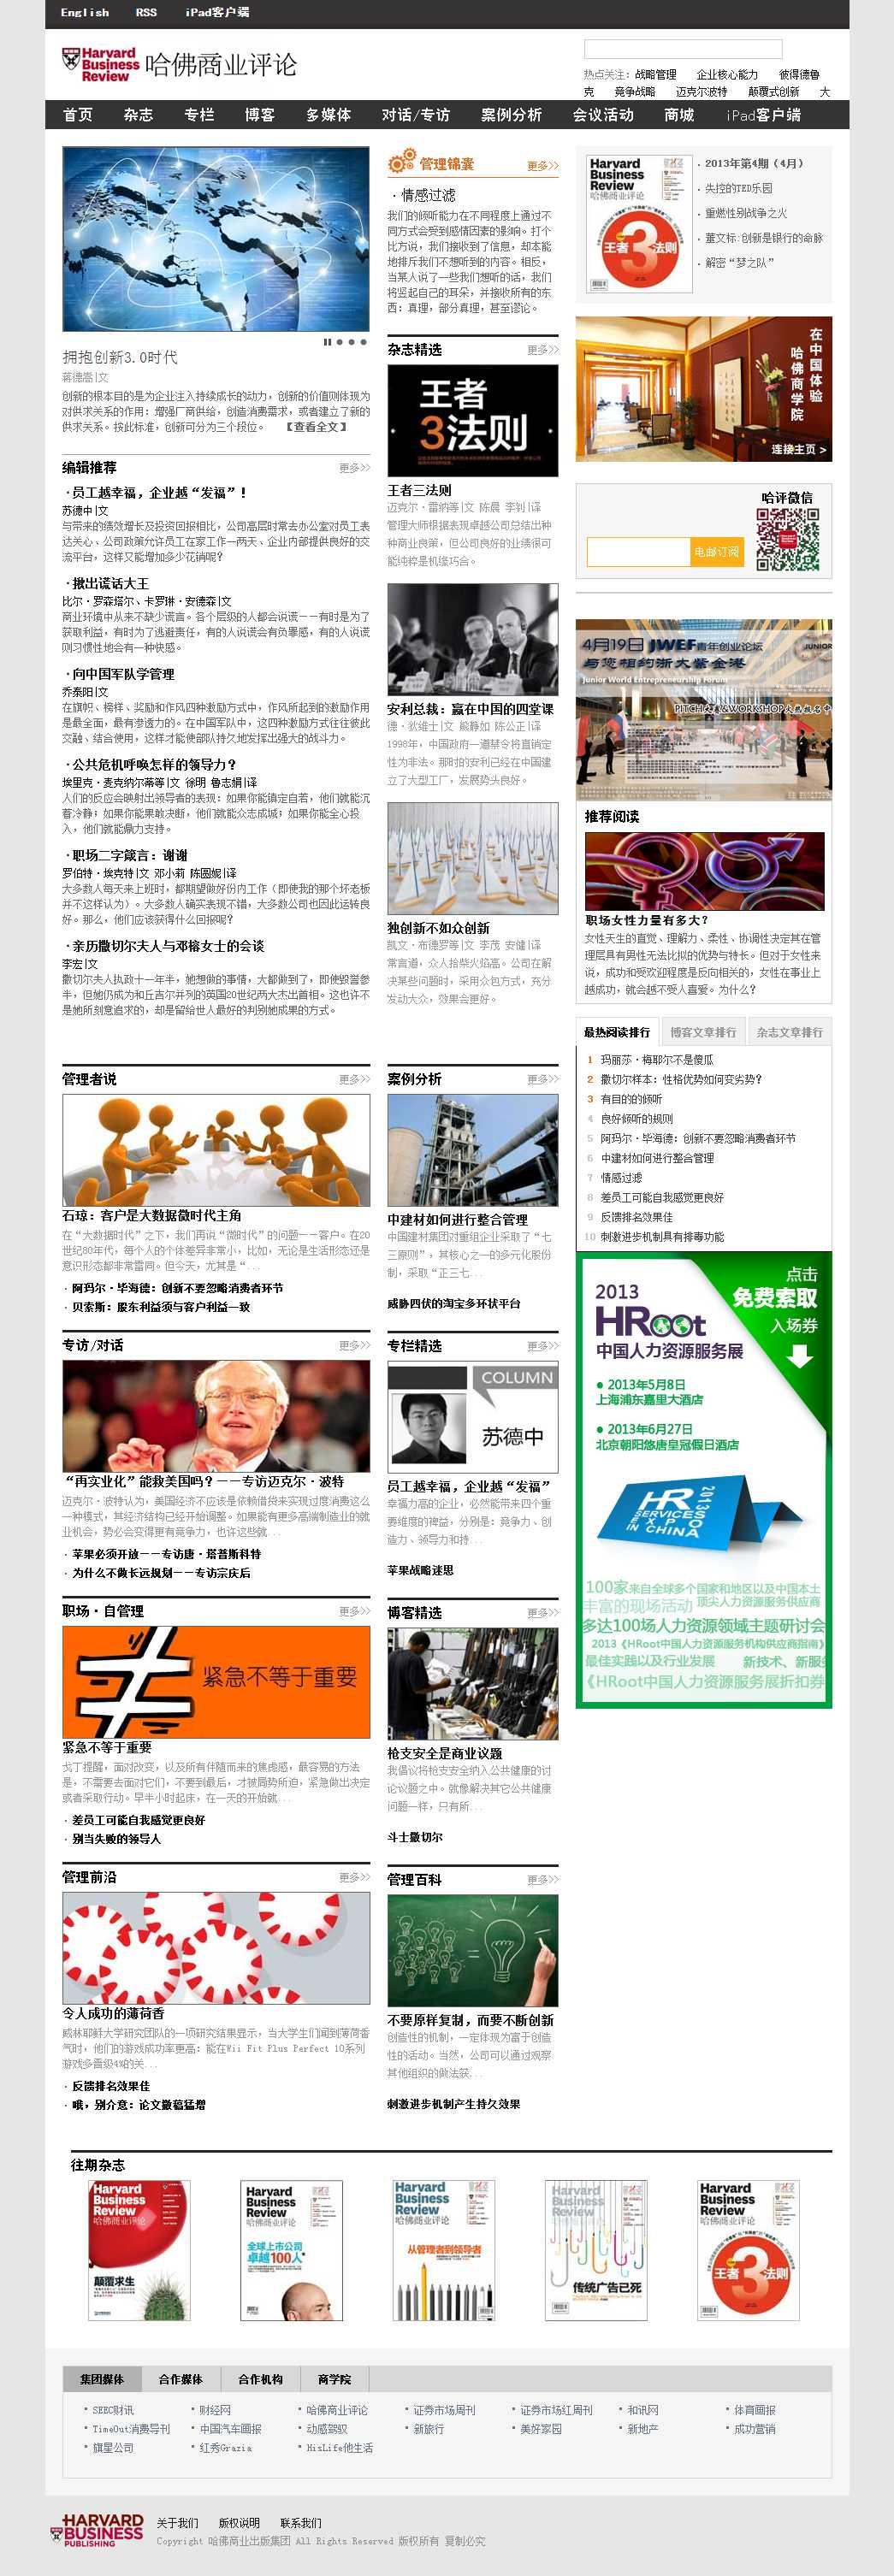 复杂的门户哈佛商业论坛,网页静态页html切图下载